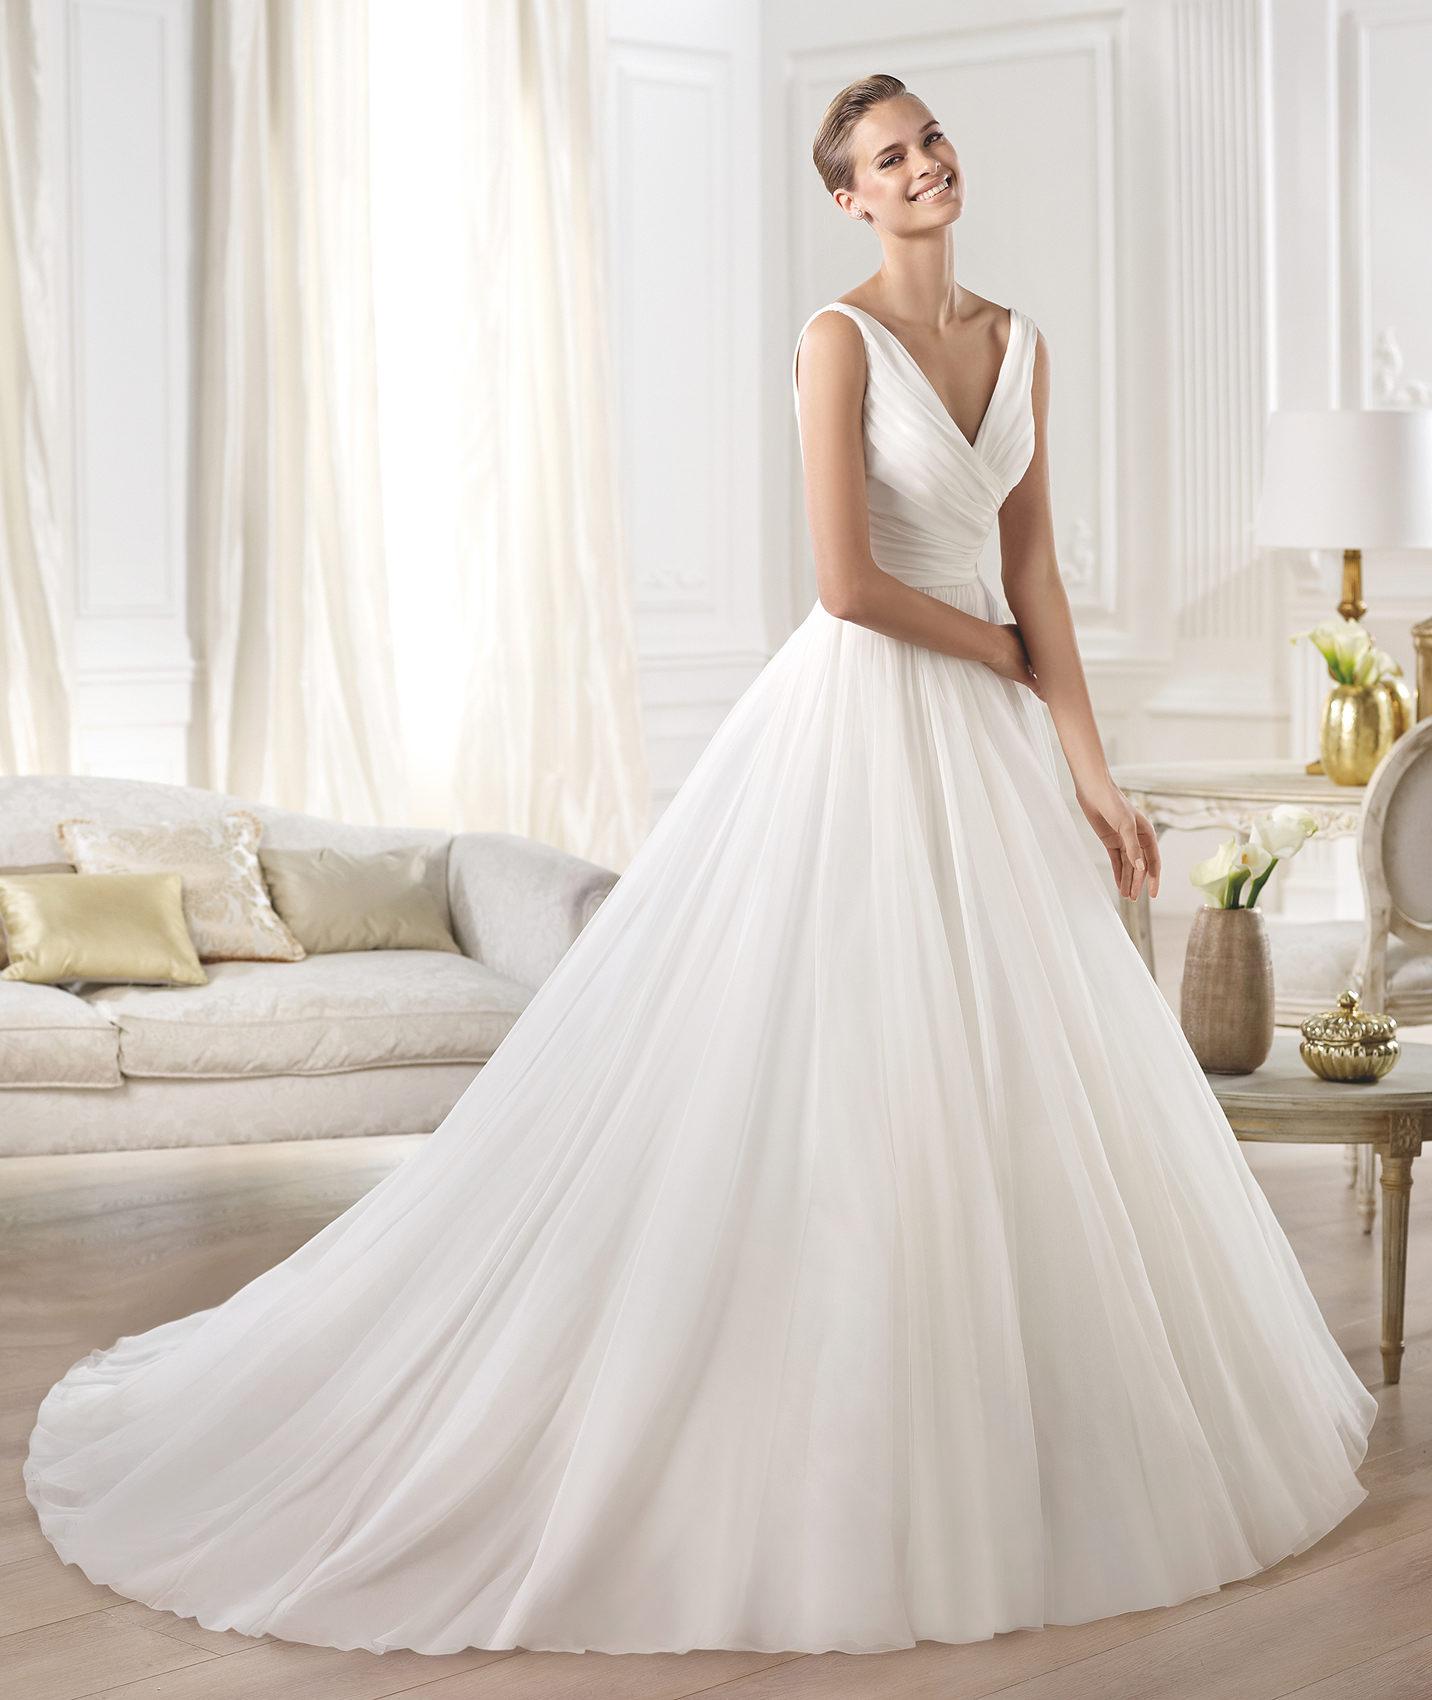 f86430d97 elblogdeanasuero-Vestidos de novia 2015-Pronovias vestido clásico de gasa y  organza